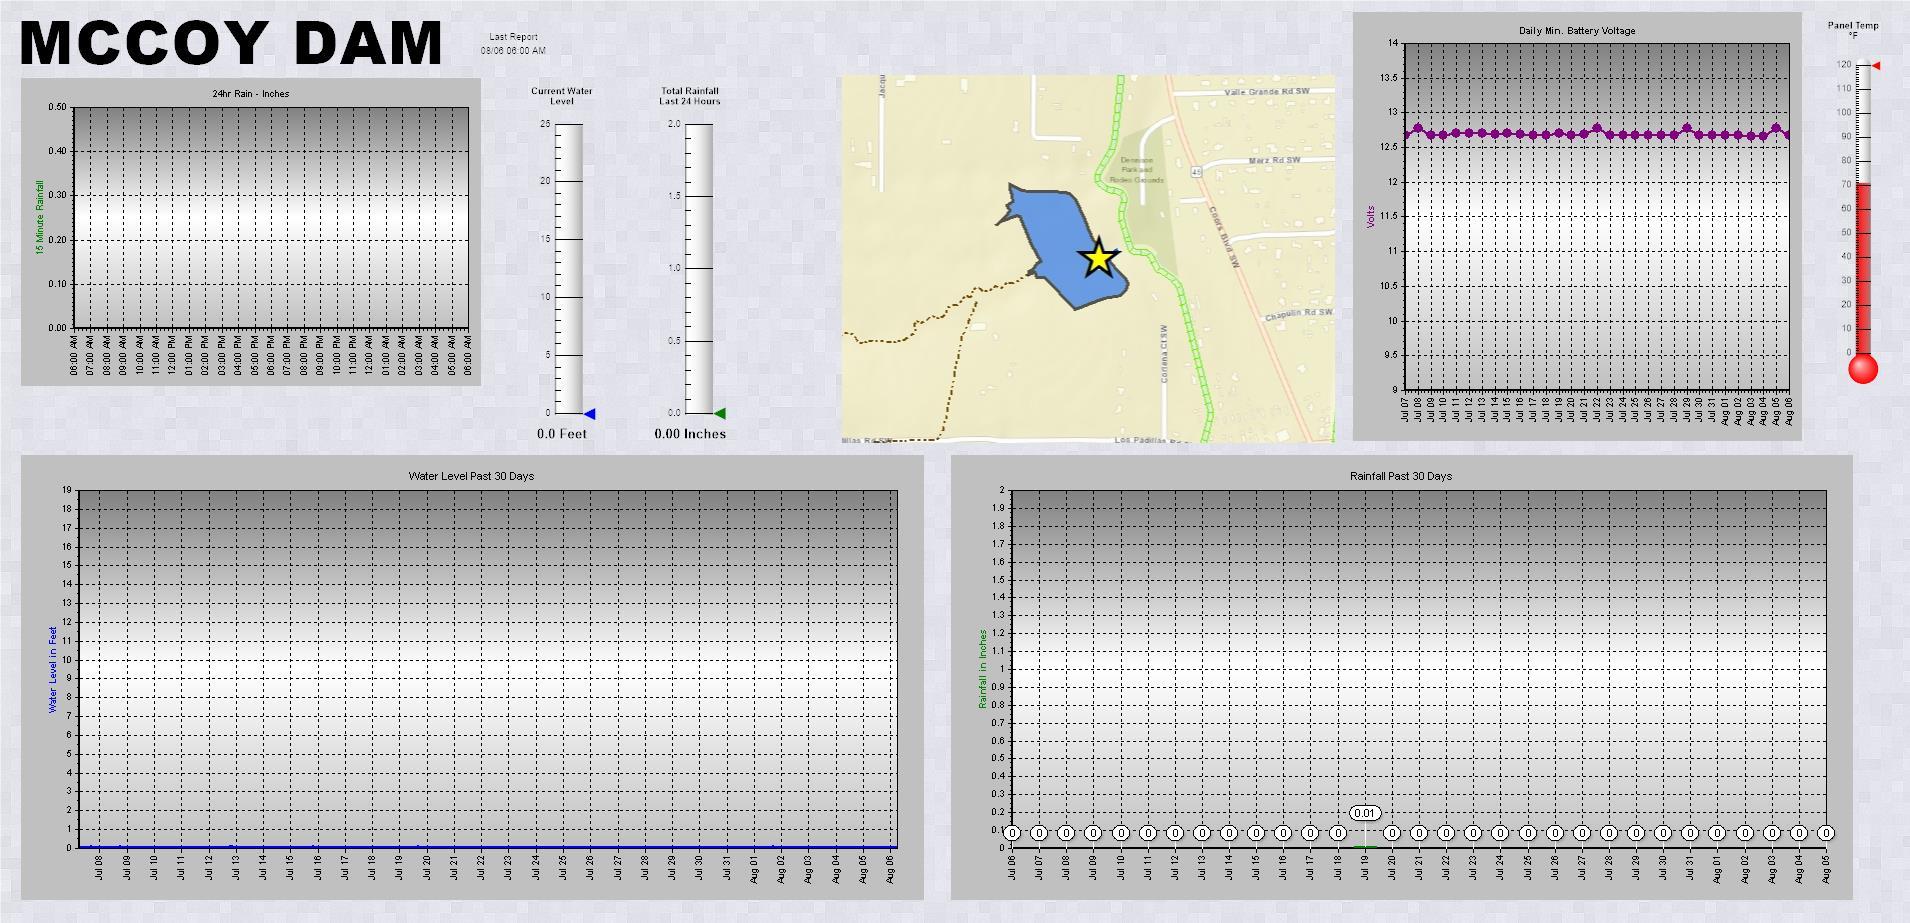 McCoy Dam telemetry data